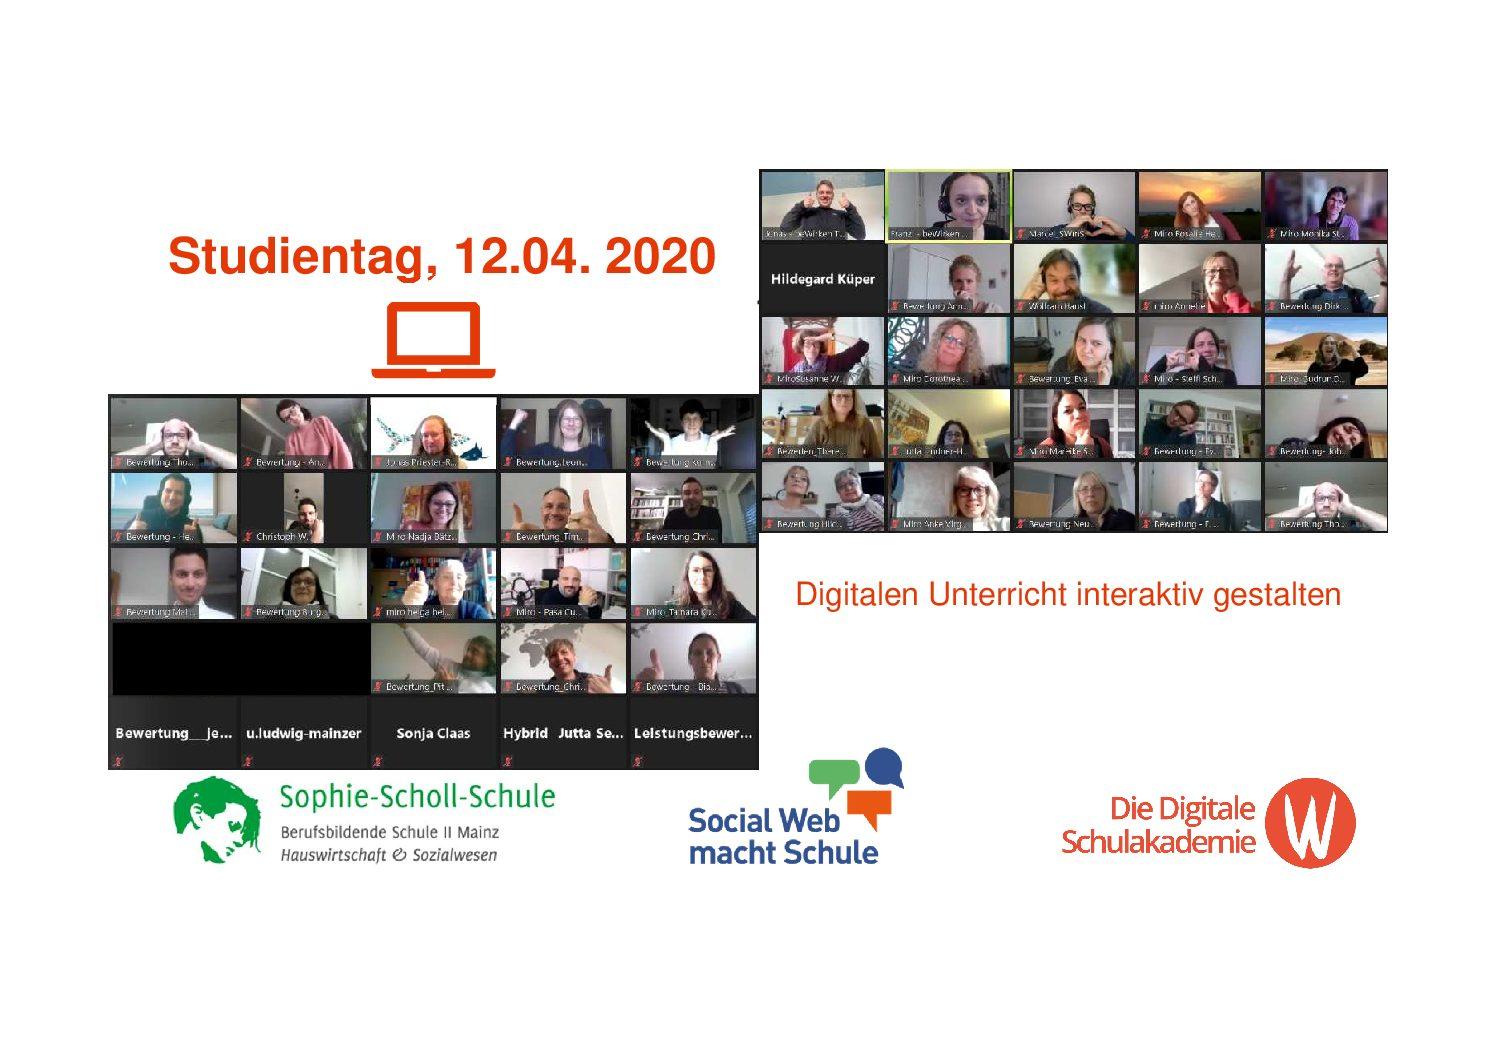 Digitales Lernen interaktiv gestalten – Ein erfolgreicher Studientag an unserer Schule!